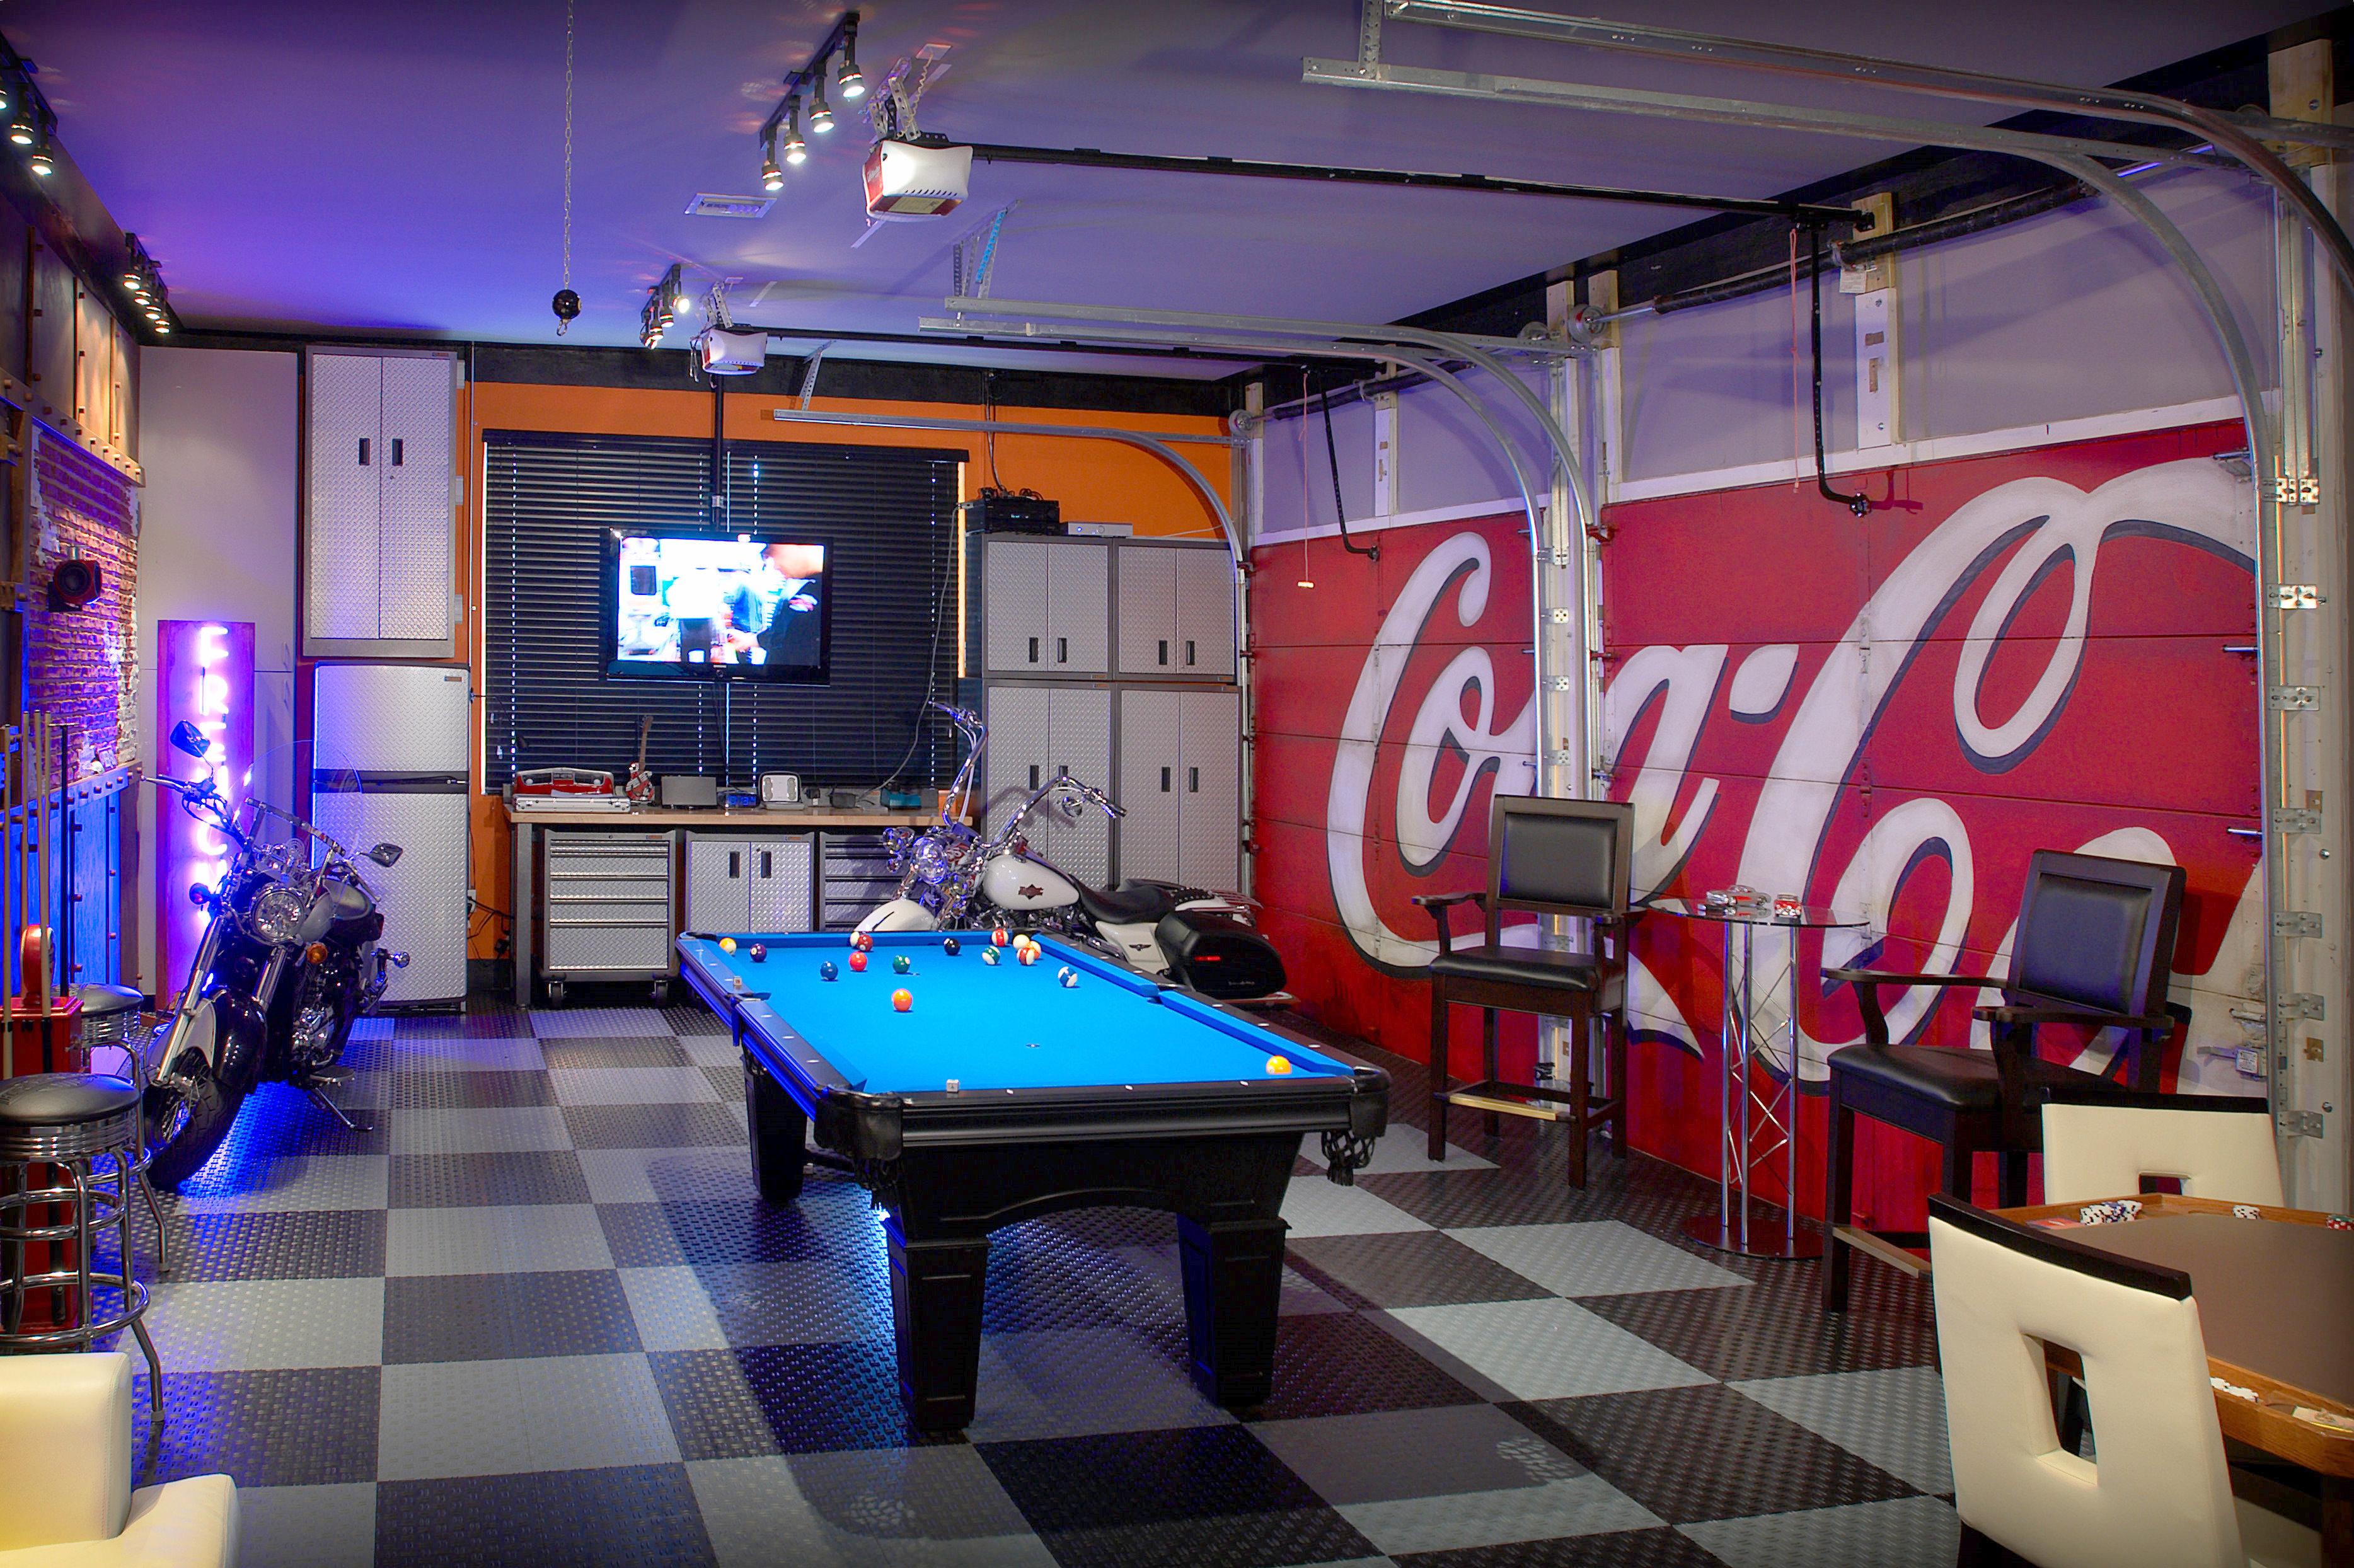 garage game ideas - Garage Organization & Makeovers in Miami Broward Your